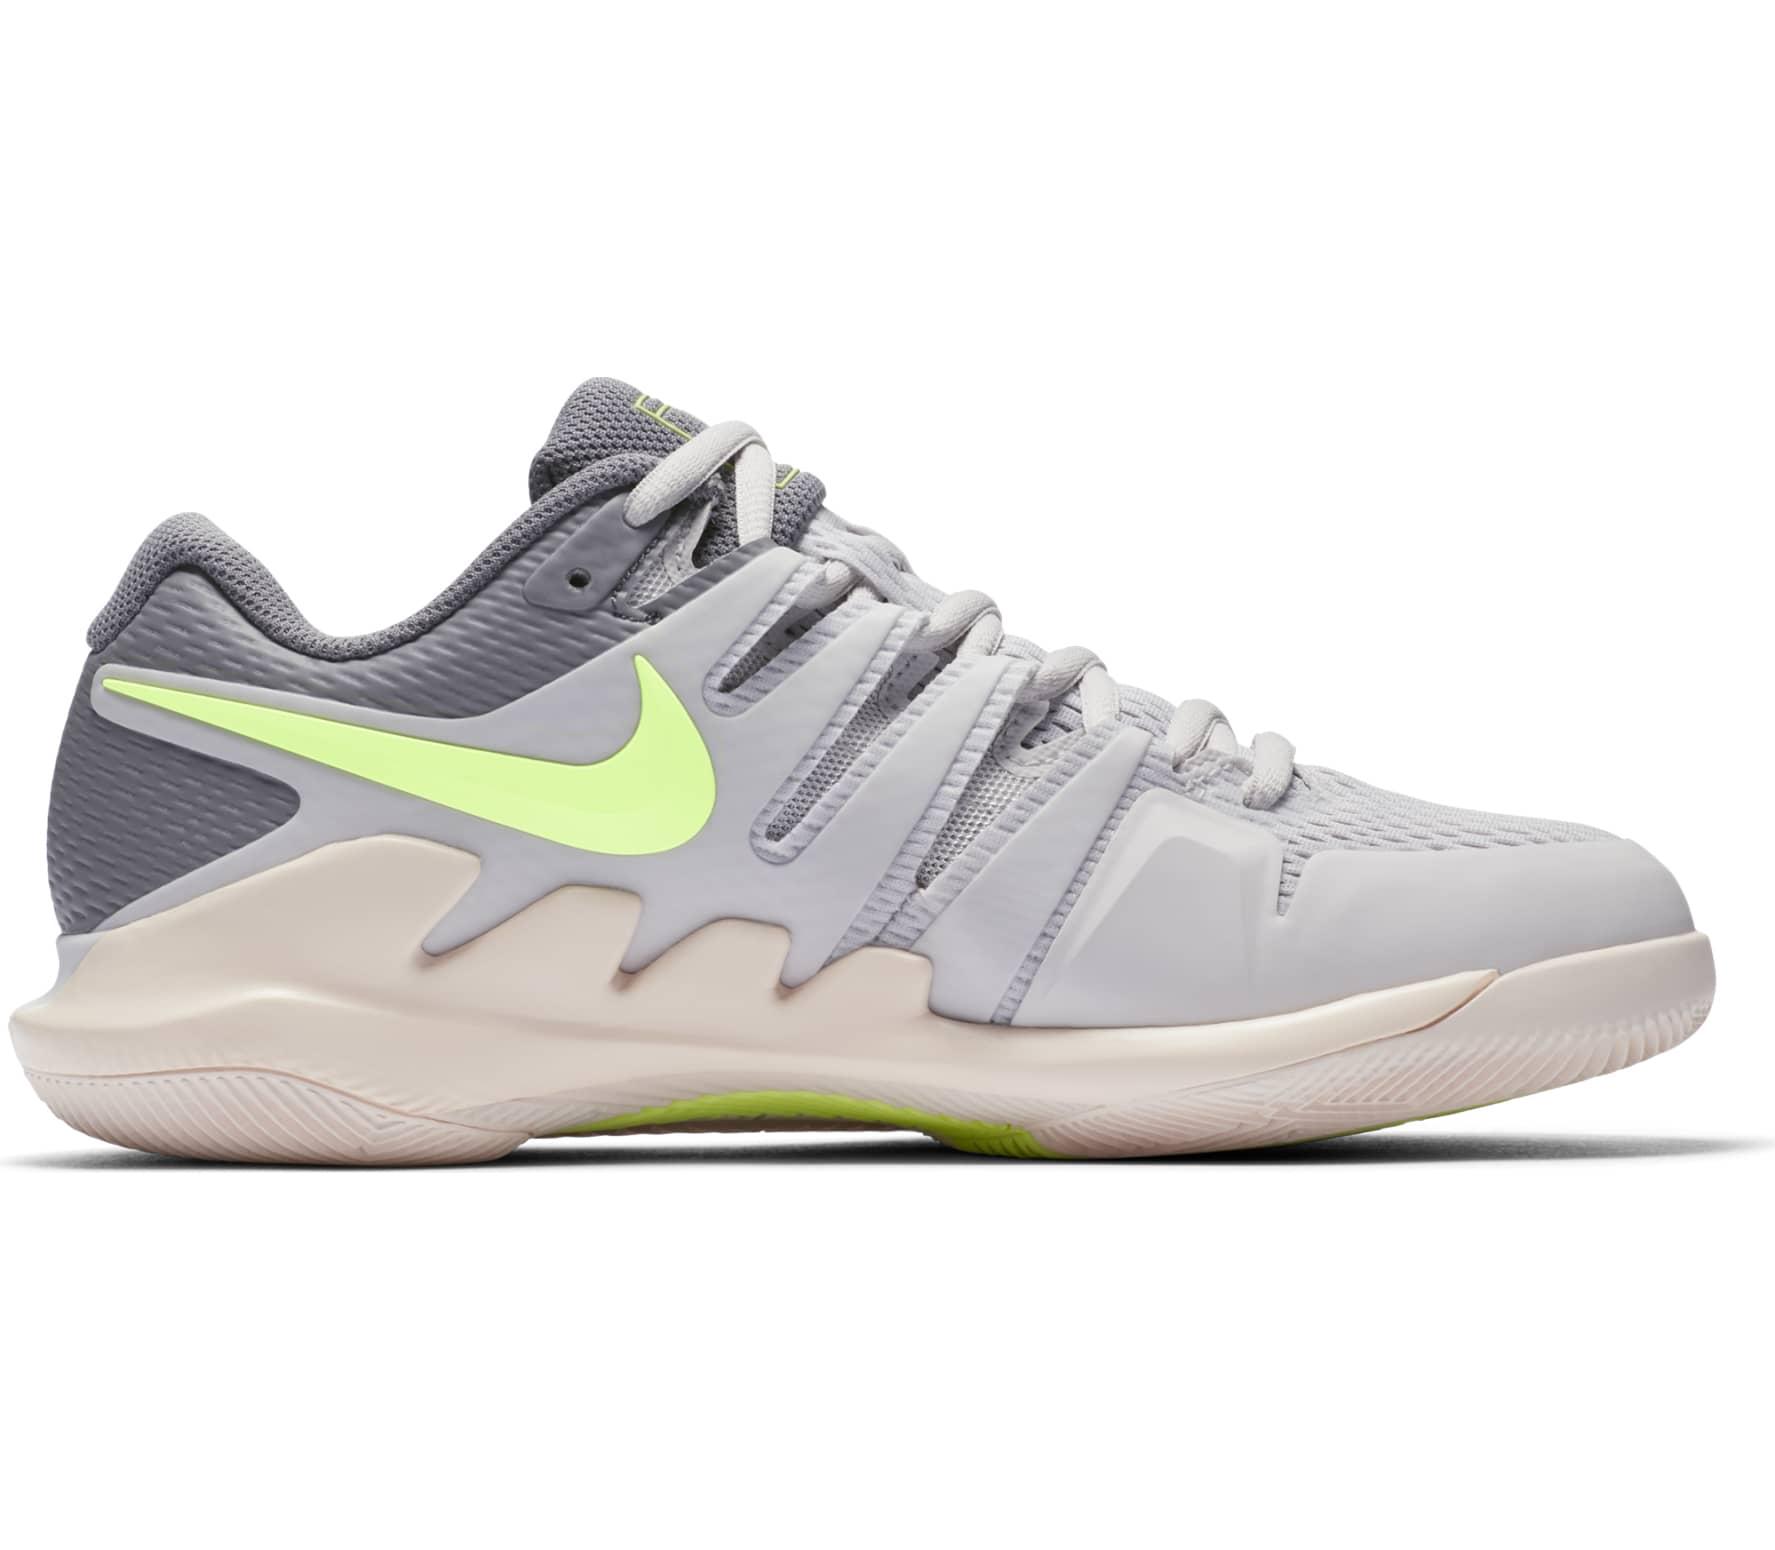 Nike - Air Zoom Vapor X zapatillas de tenis para mujer (gris)